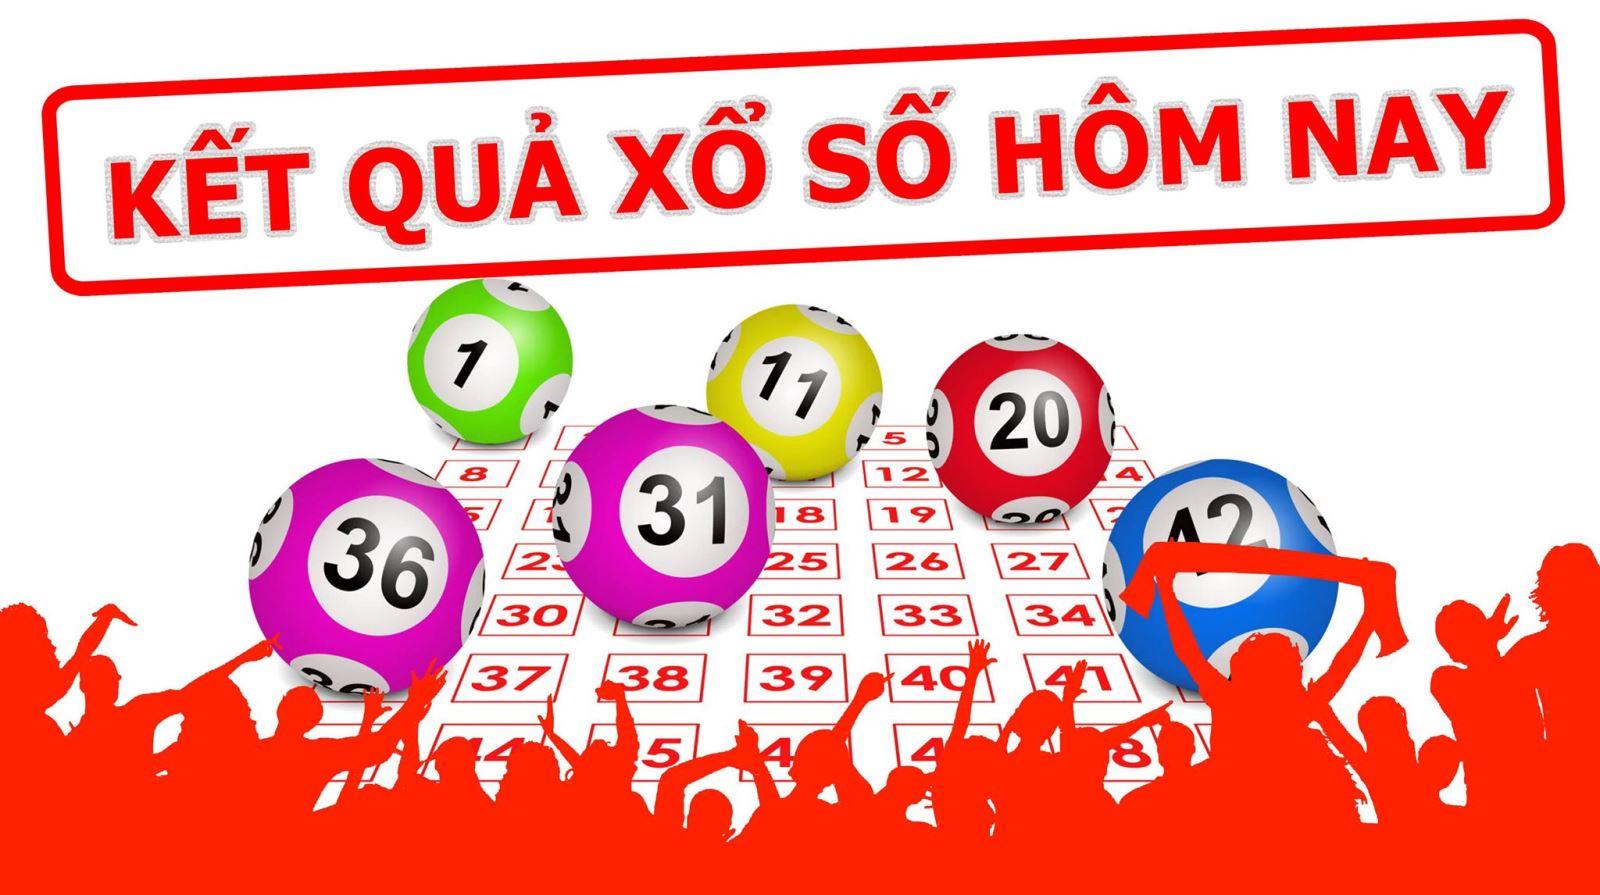 SXMN - Xổ số miền Nam - XSMN - Xổ số hôm nay - Kết quả xổ số miền Nam - KQXSMN 28/5